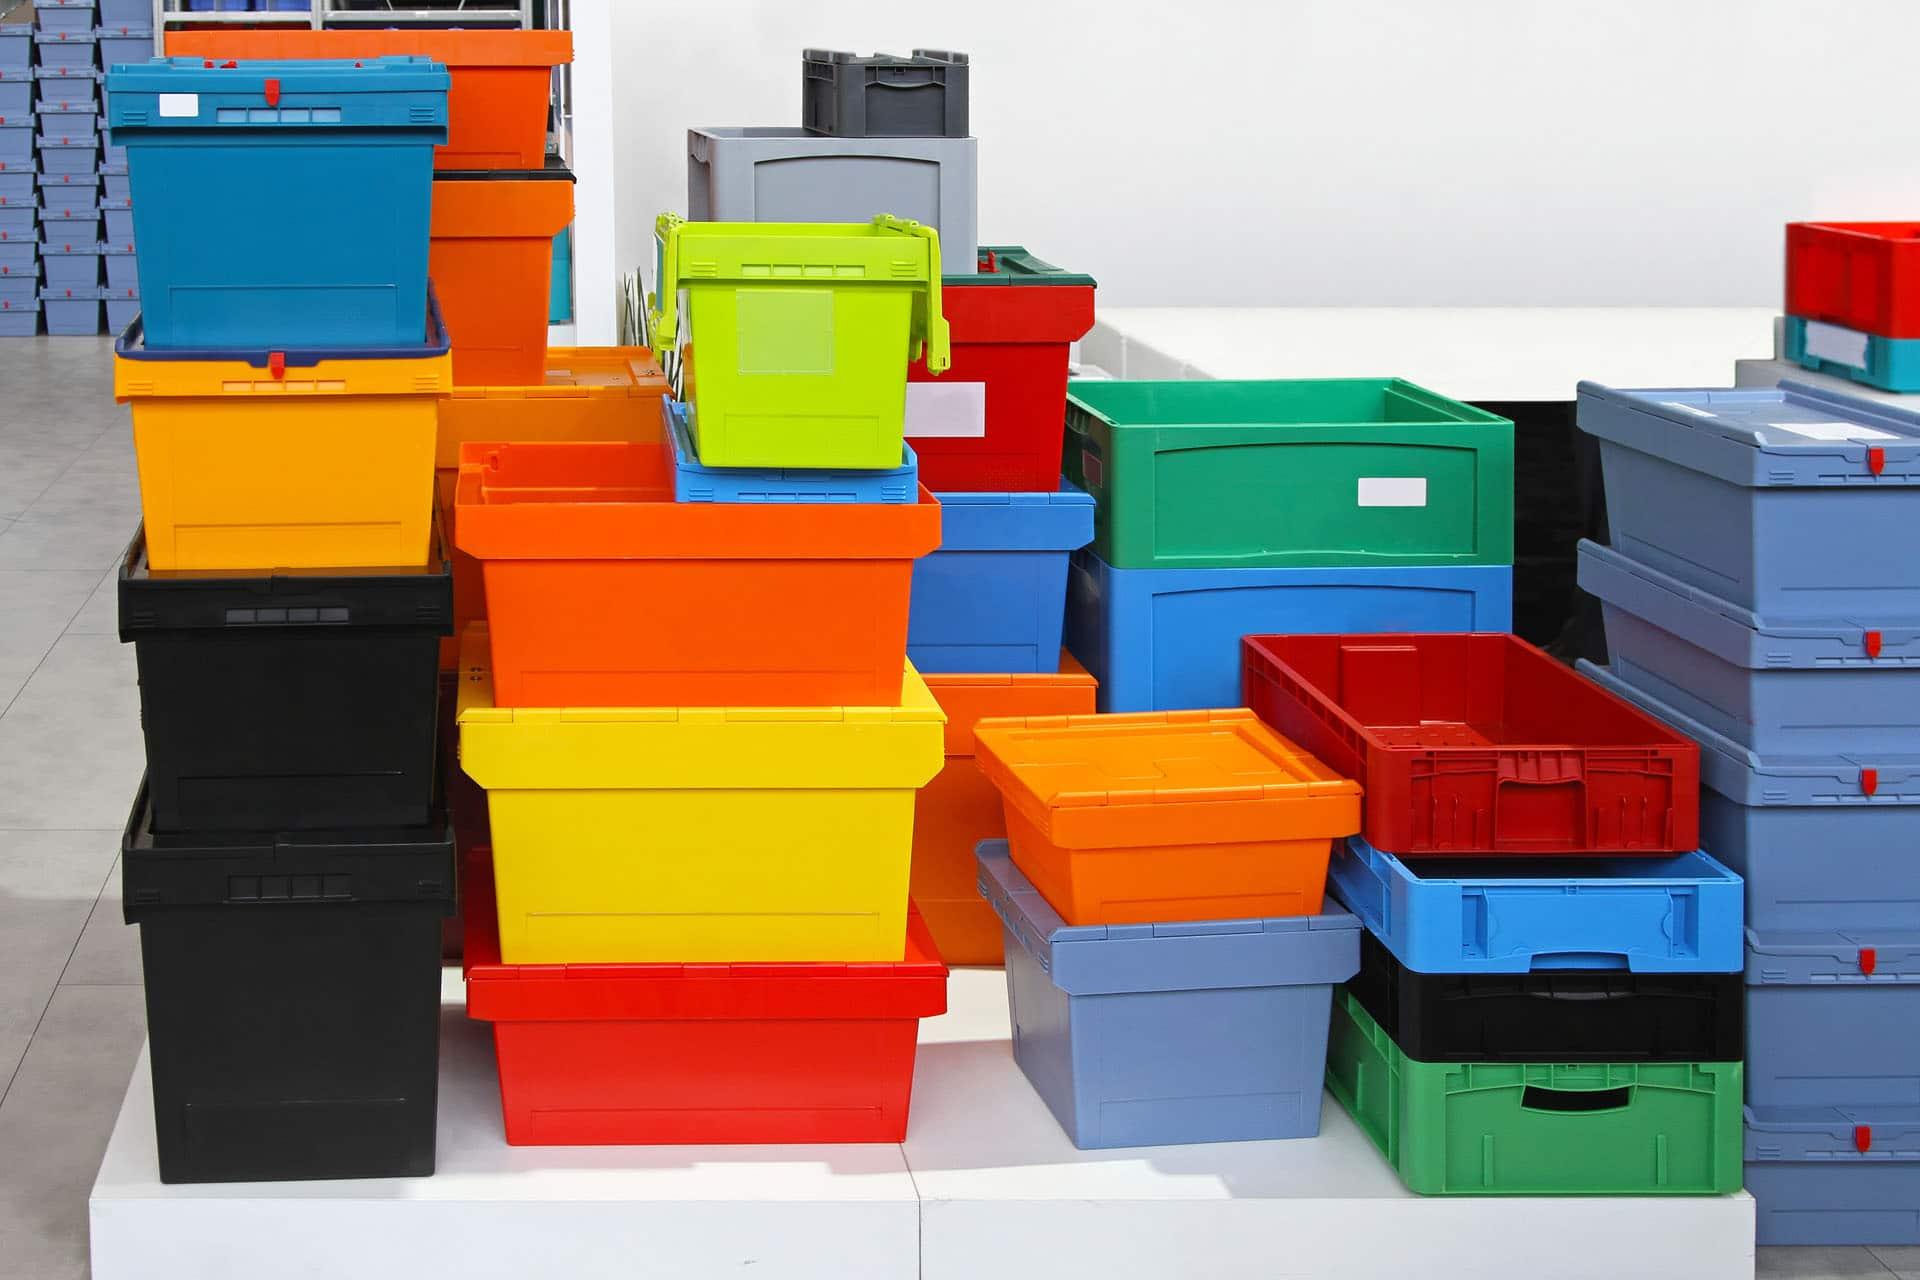 Plastkasser Til Organisering Stort Udvalg Af Opbevaringskasser